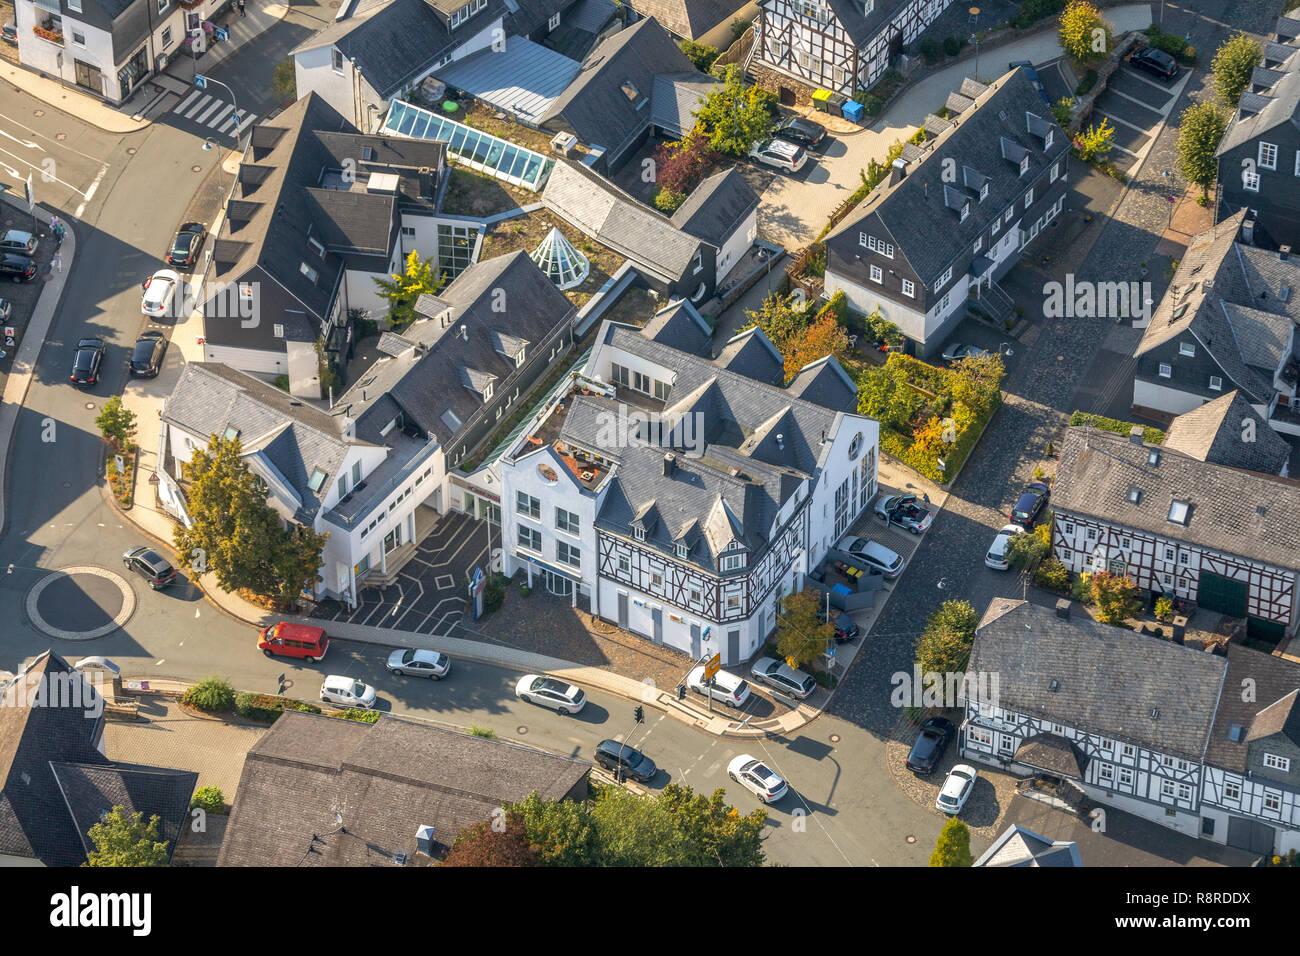 Aerial view, Volksbank in Südwestfalen eG - Branch Burbach, Jobcenter Siegen-Wittgenstein - Location Burbach, Nassauische Straße, Burbach, Kreis Siege - Stock Image